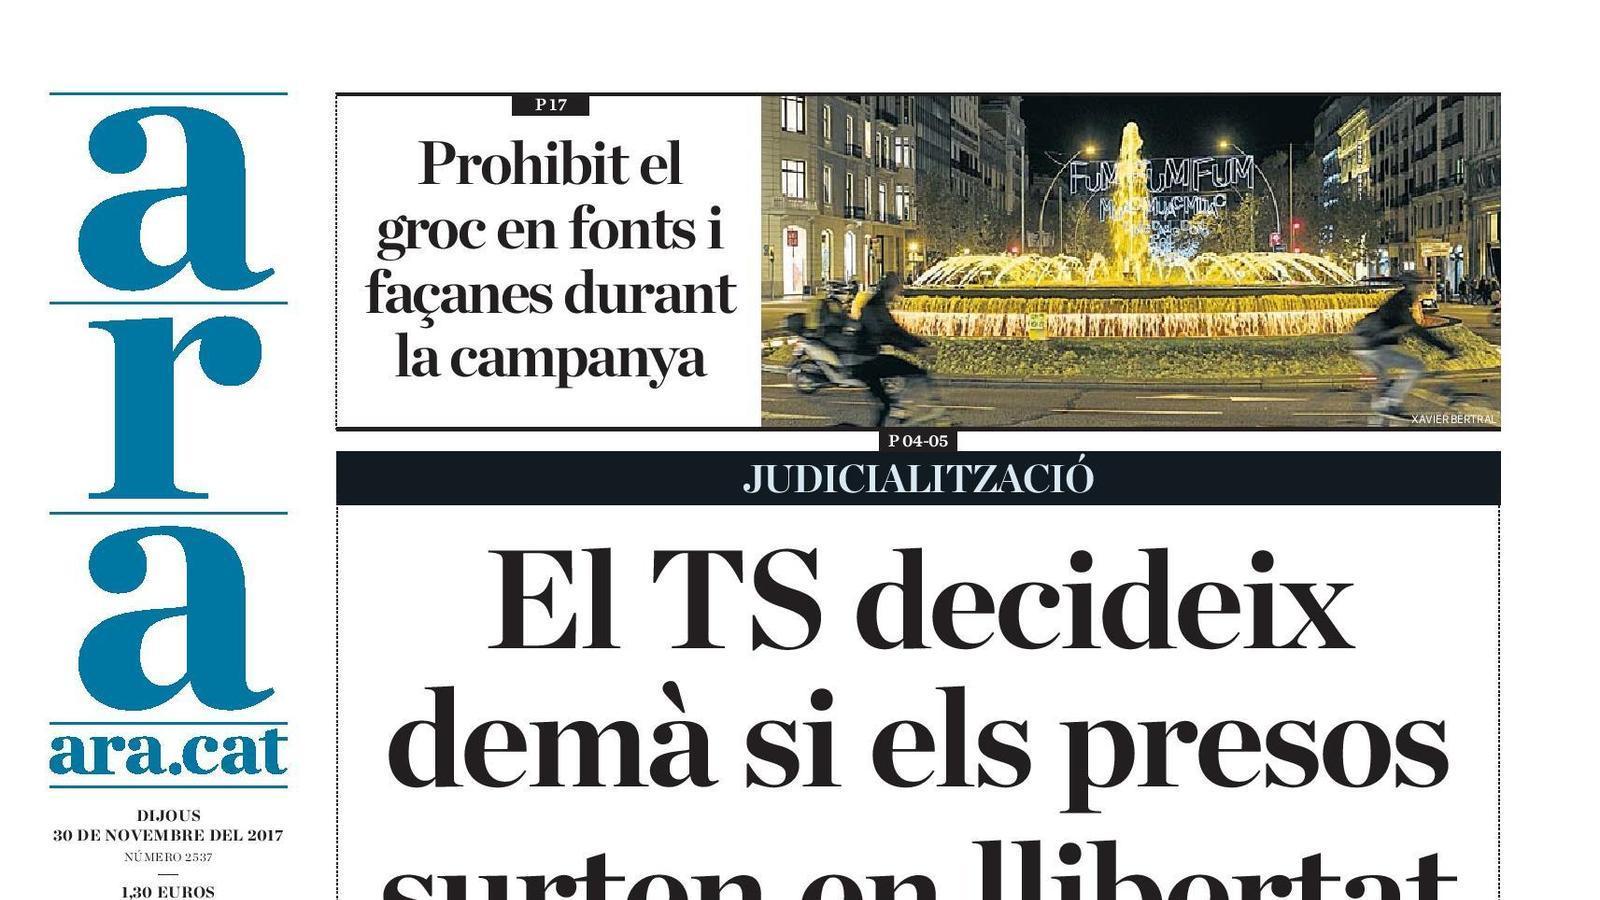 """""""El TS decideix demà si els presos surten en llibertat"""", portada de l'ARA"""